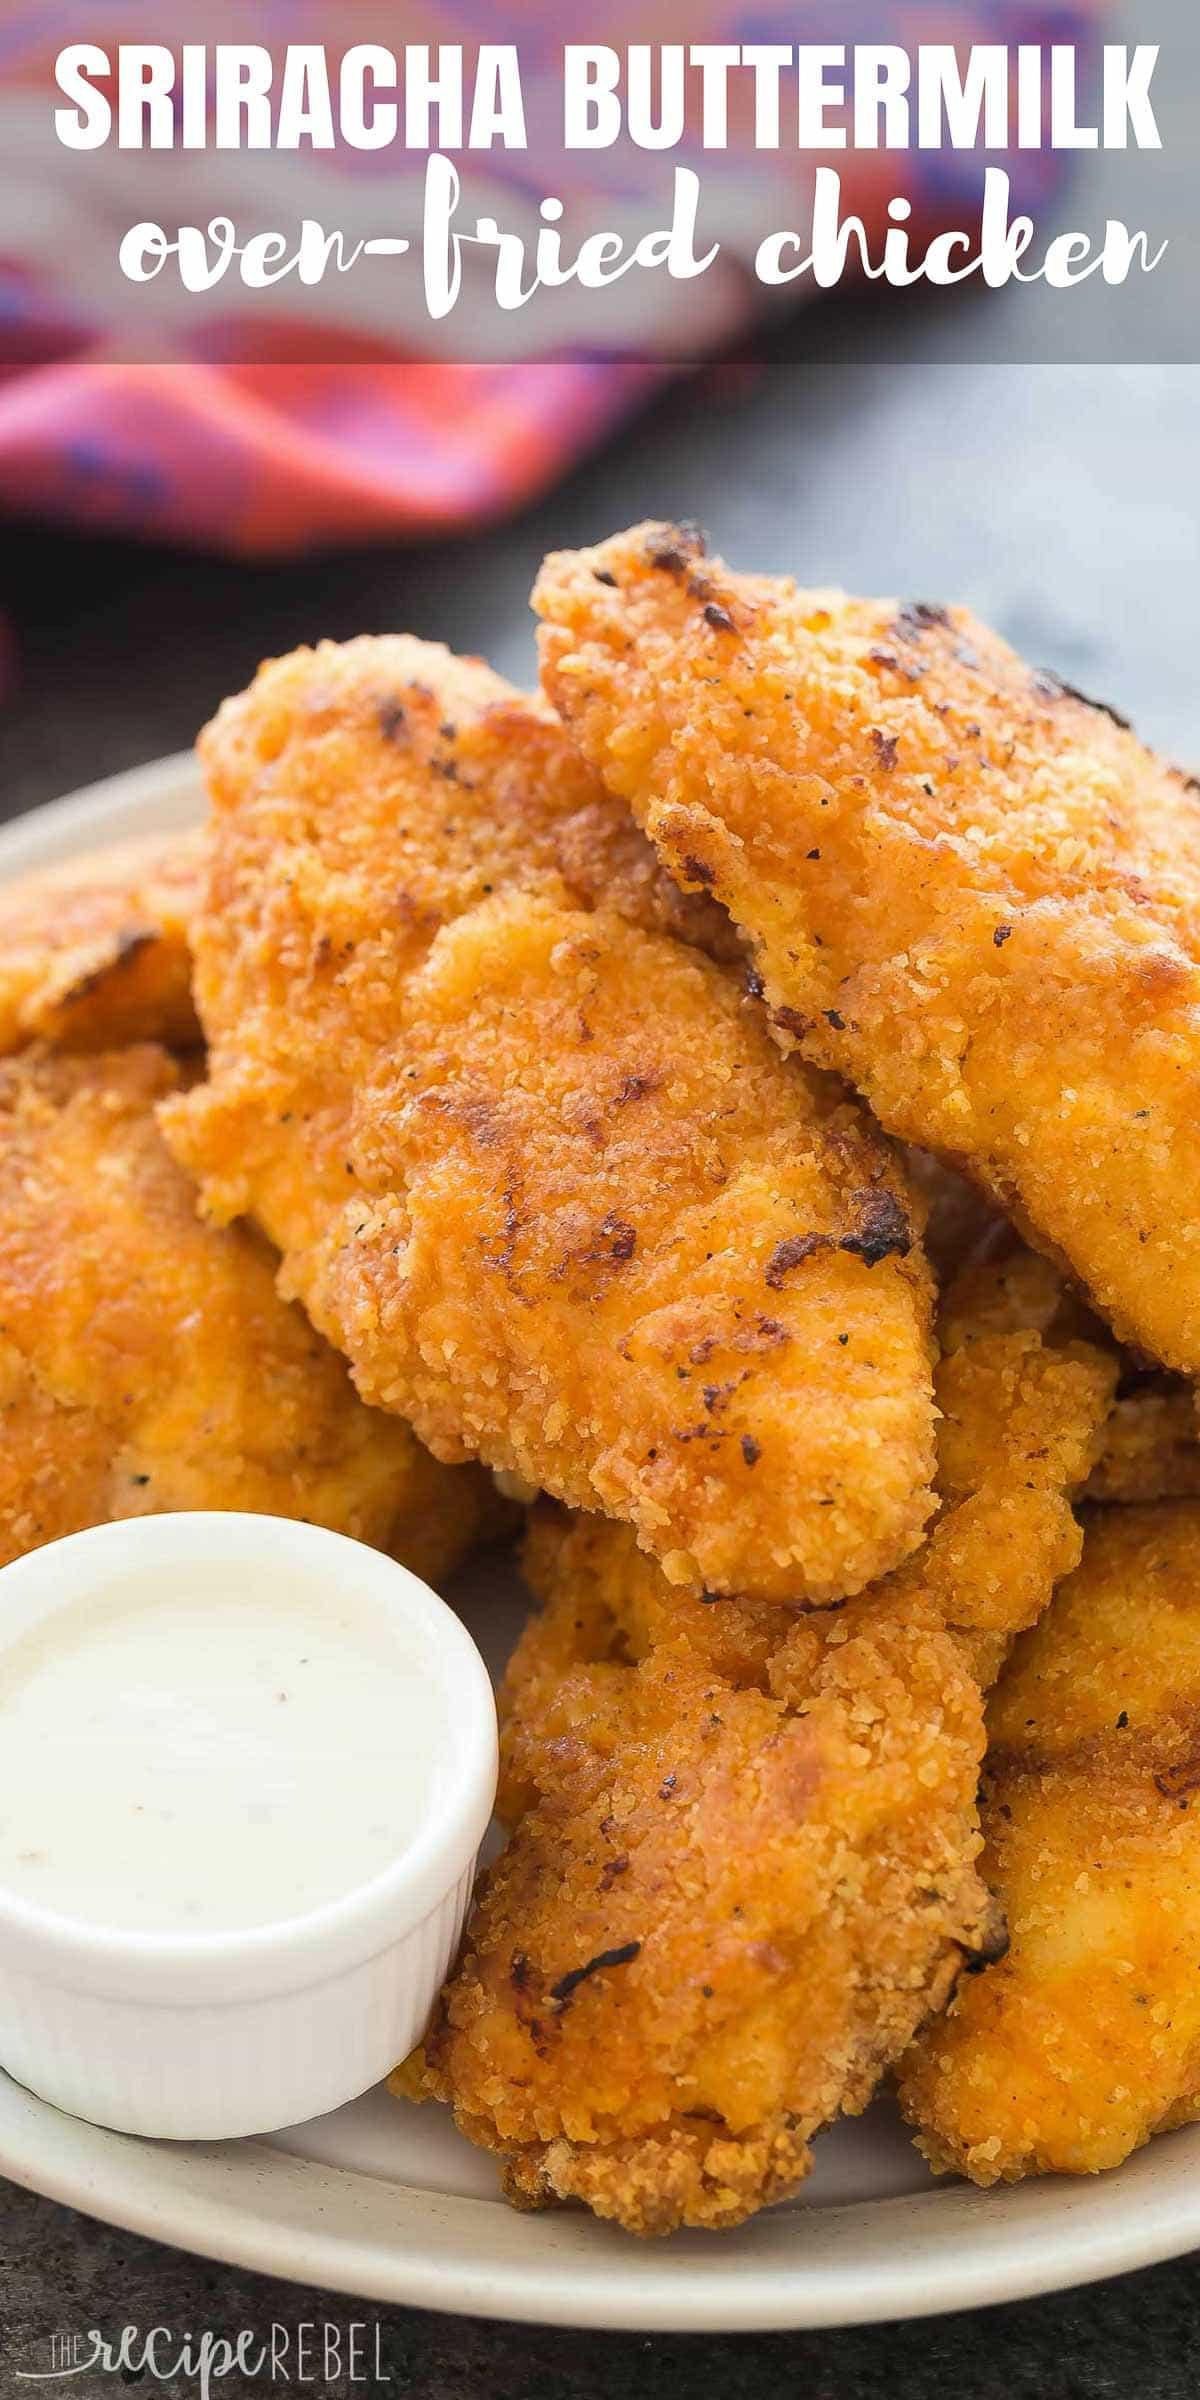 What Is Chicken Fried Chicken  Crispy Sriracha Buttermilk Oven Fried Chicken Recipe VIDEO